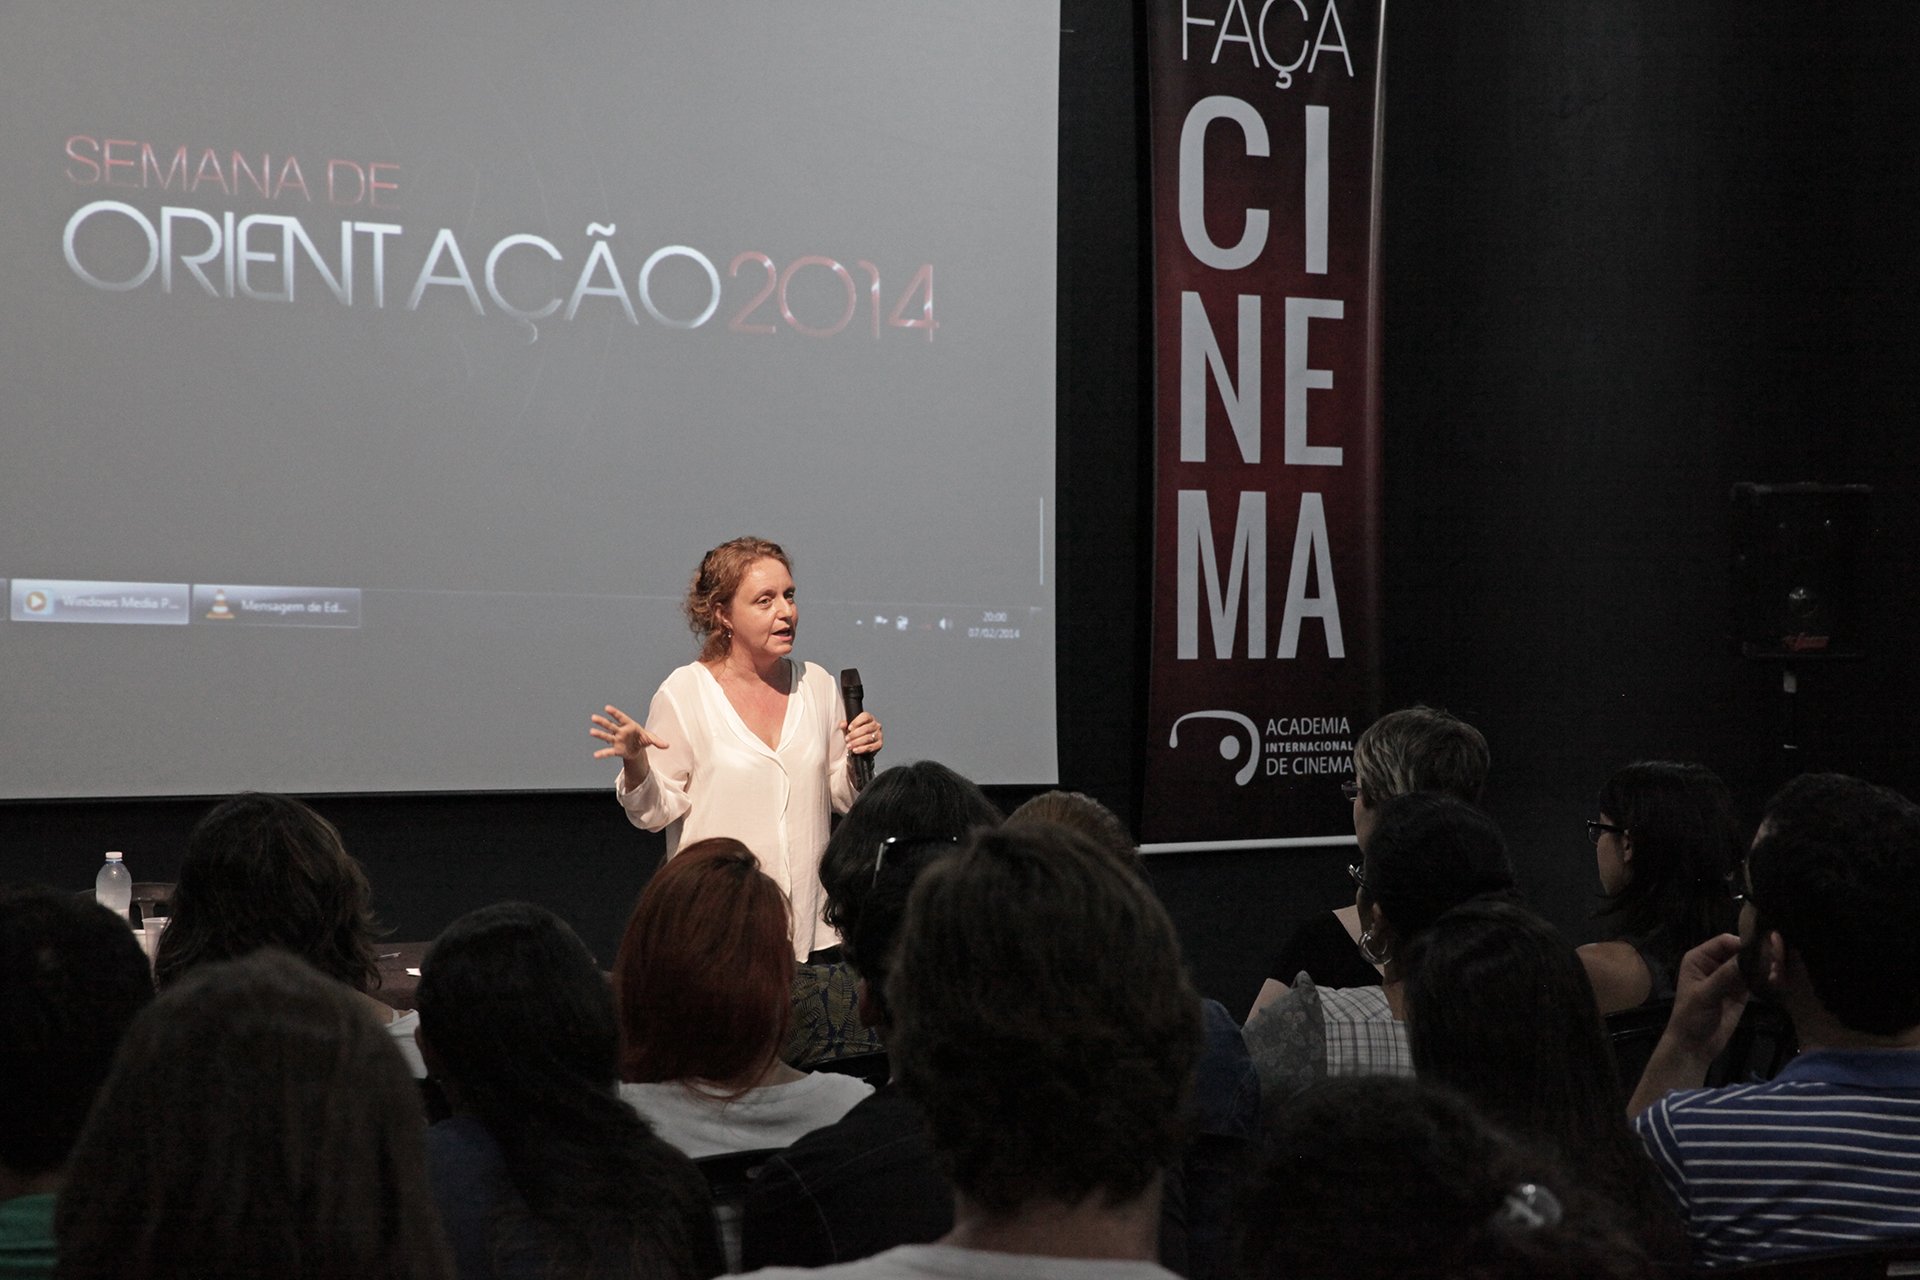 """O final """"My way"""" da Semana de Orientação – Jordana Berg na AIC"""